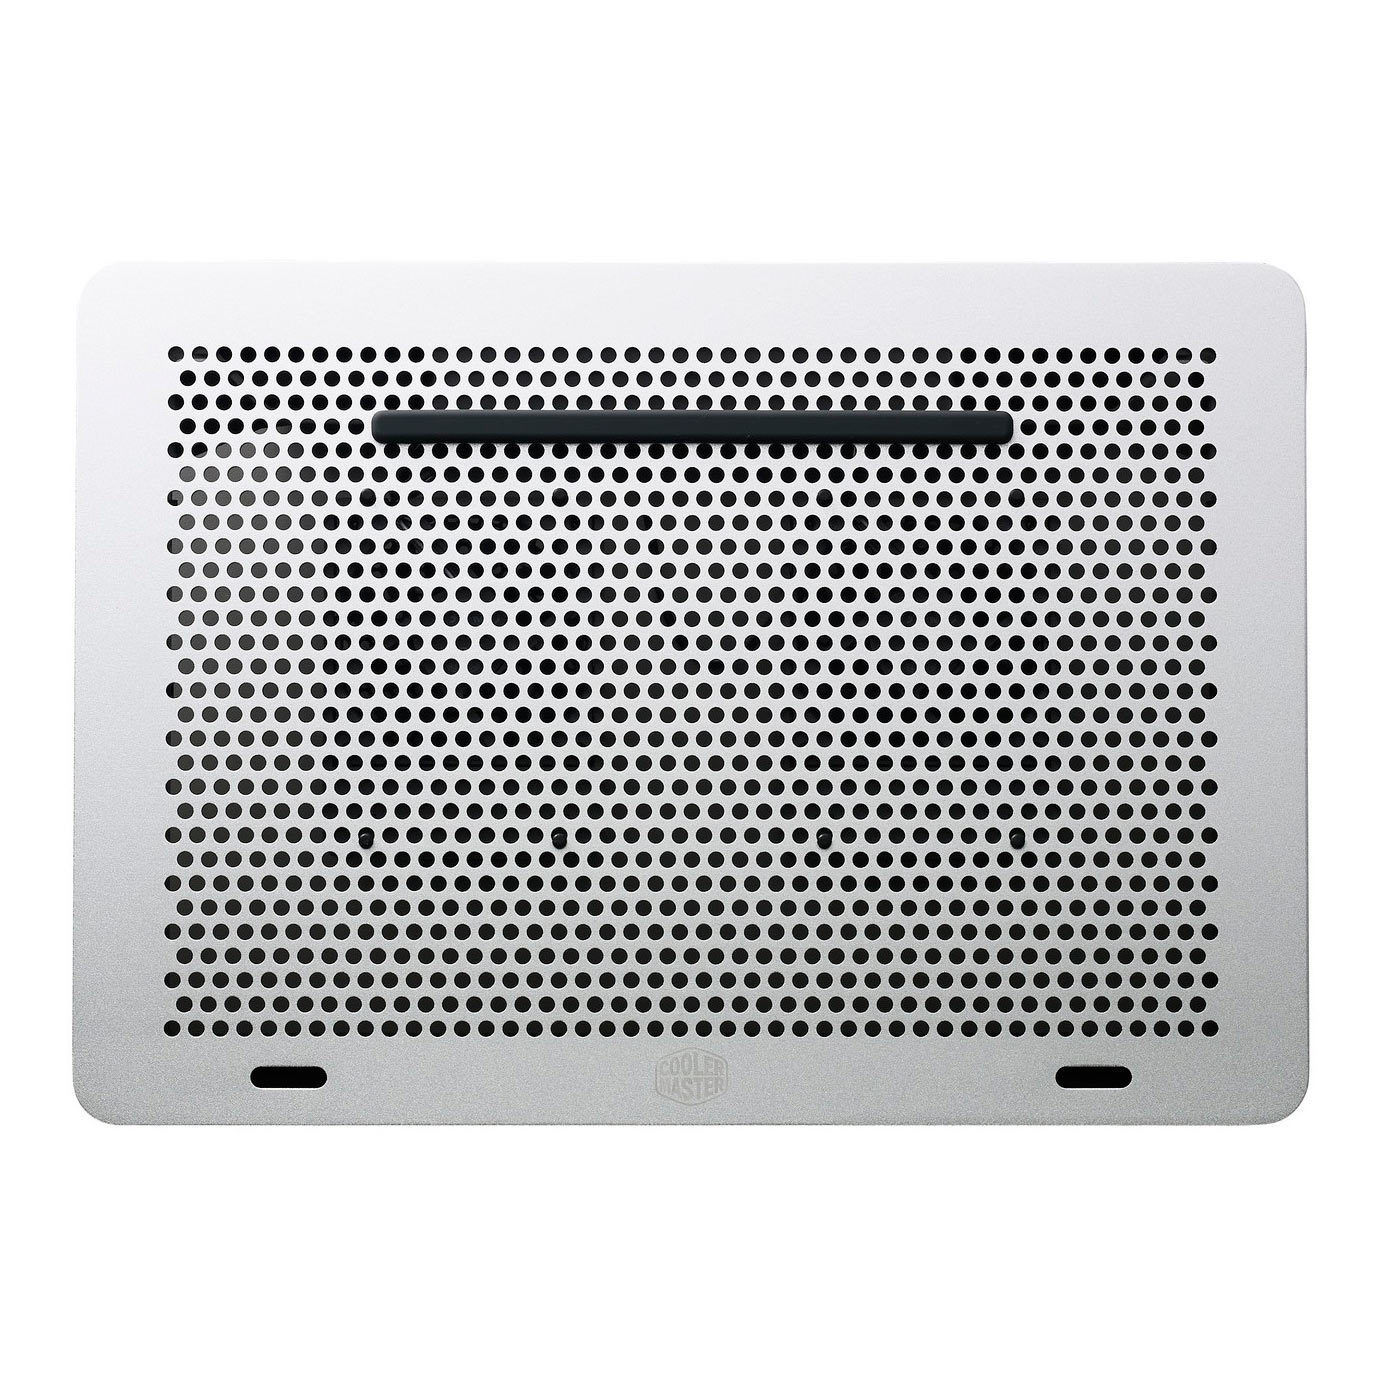 MasterNotepal - Support ventilé pour ordinateur portable 17,3